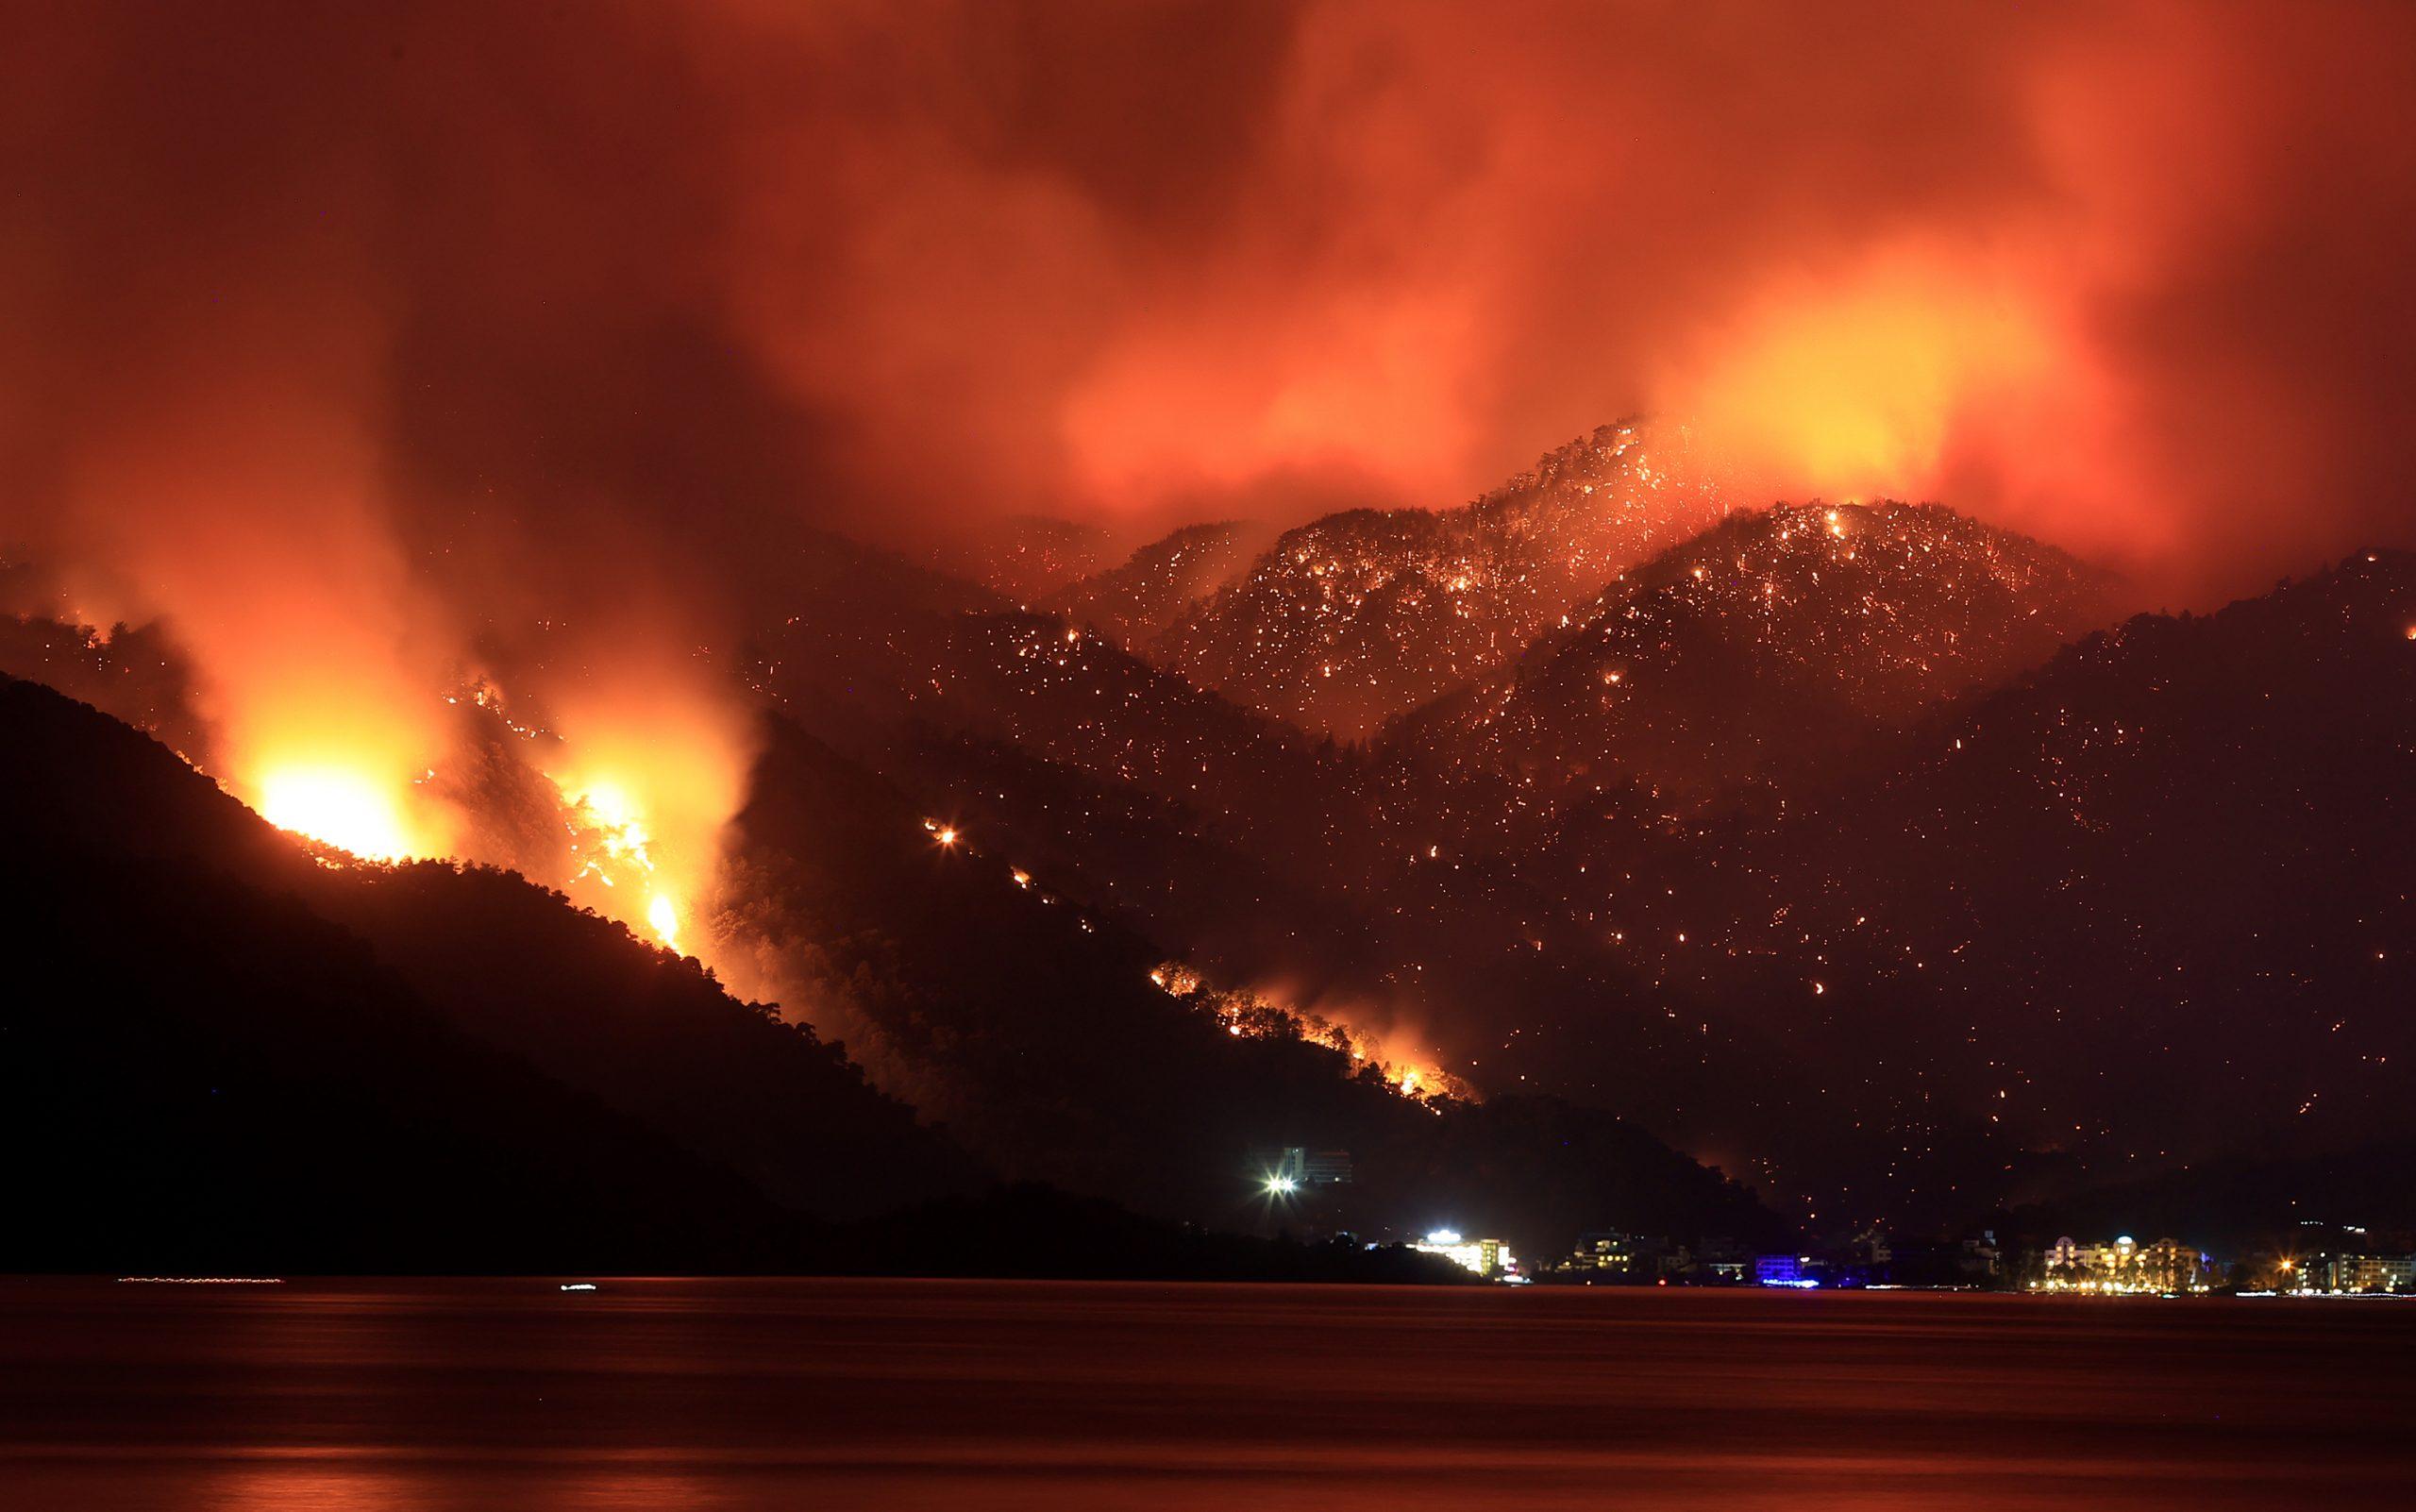 Gli incendi che devastano la Turchia bruciano la residua credibilità di Erdogan